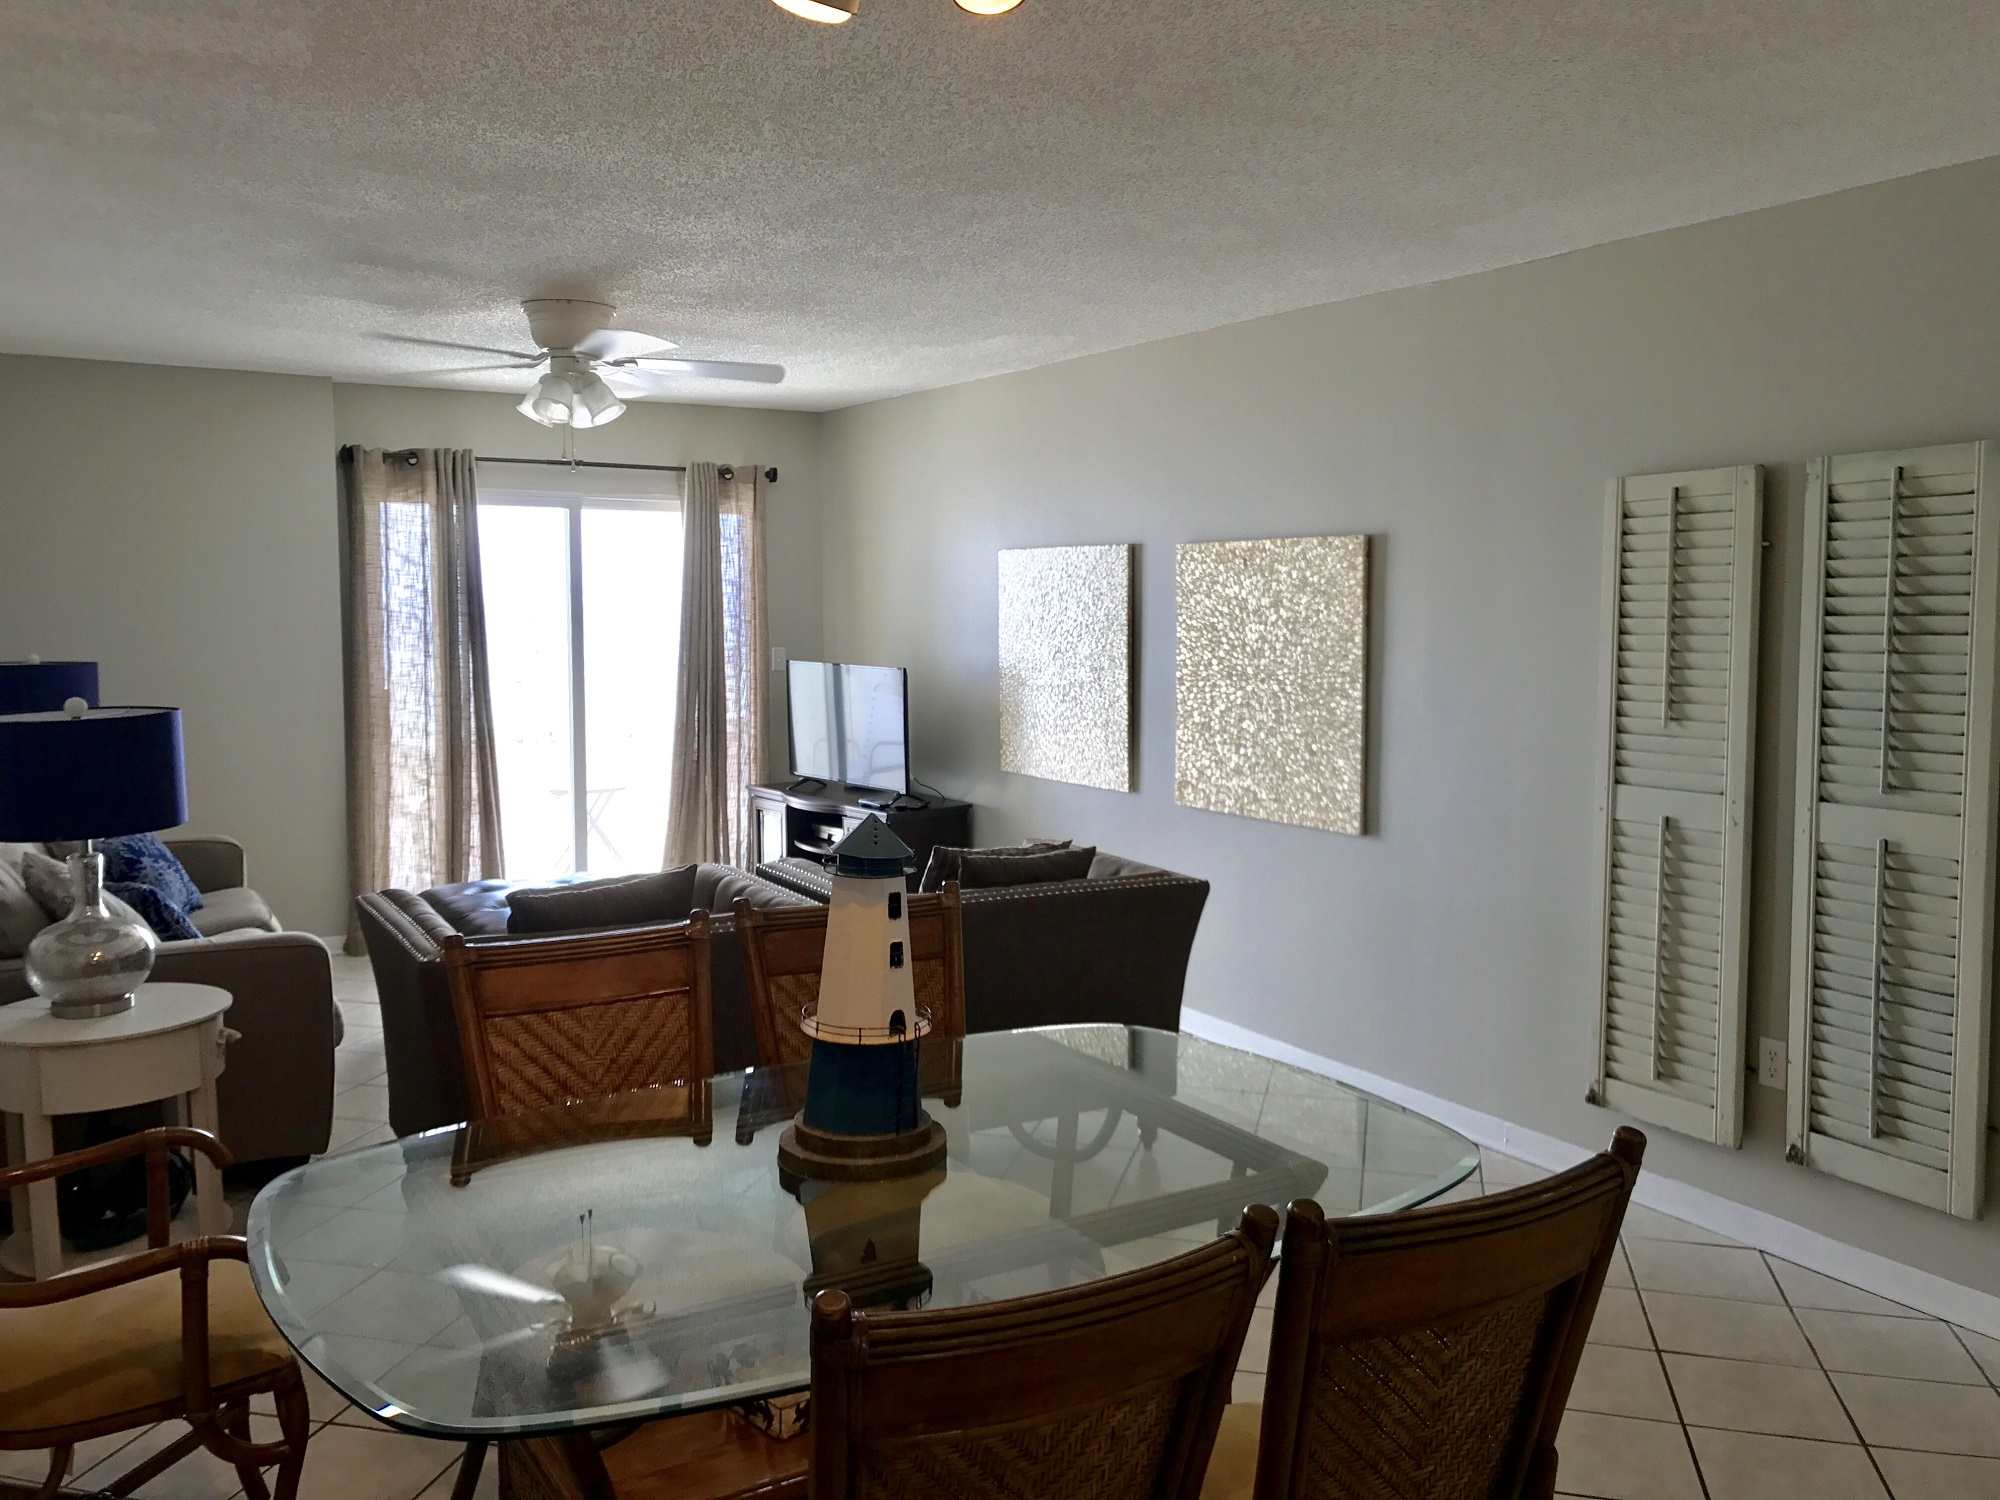 Ocean House 2206 Condo rental in Ocean House - Gulf Shores in Gulf Shores Alabama - #6